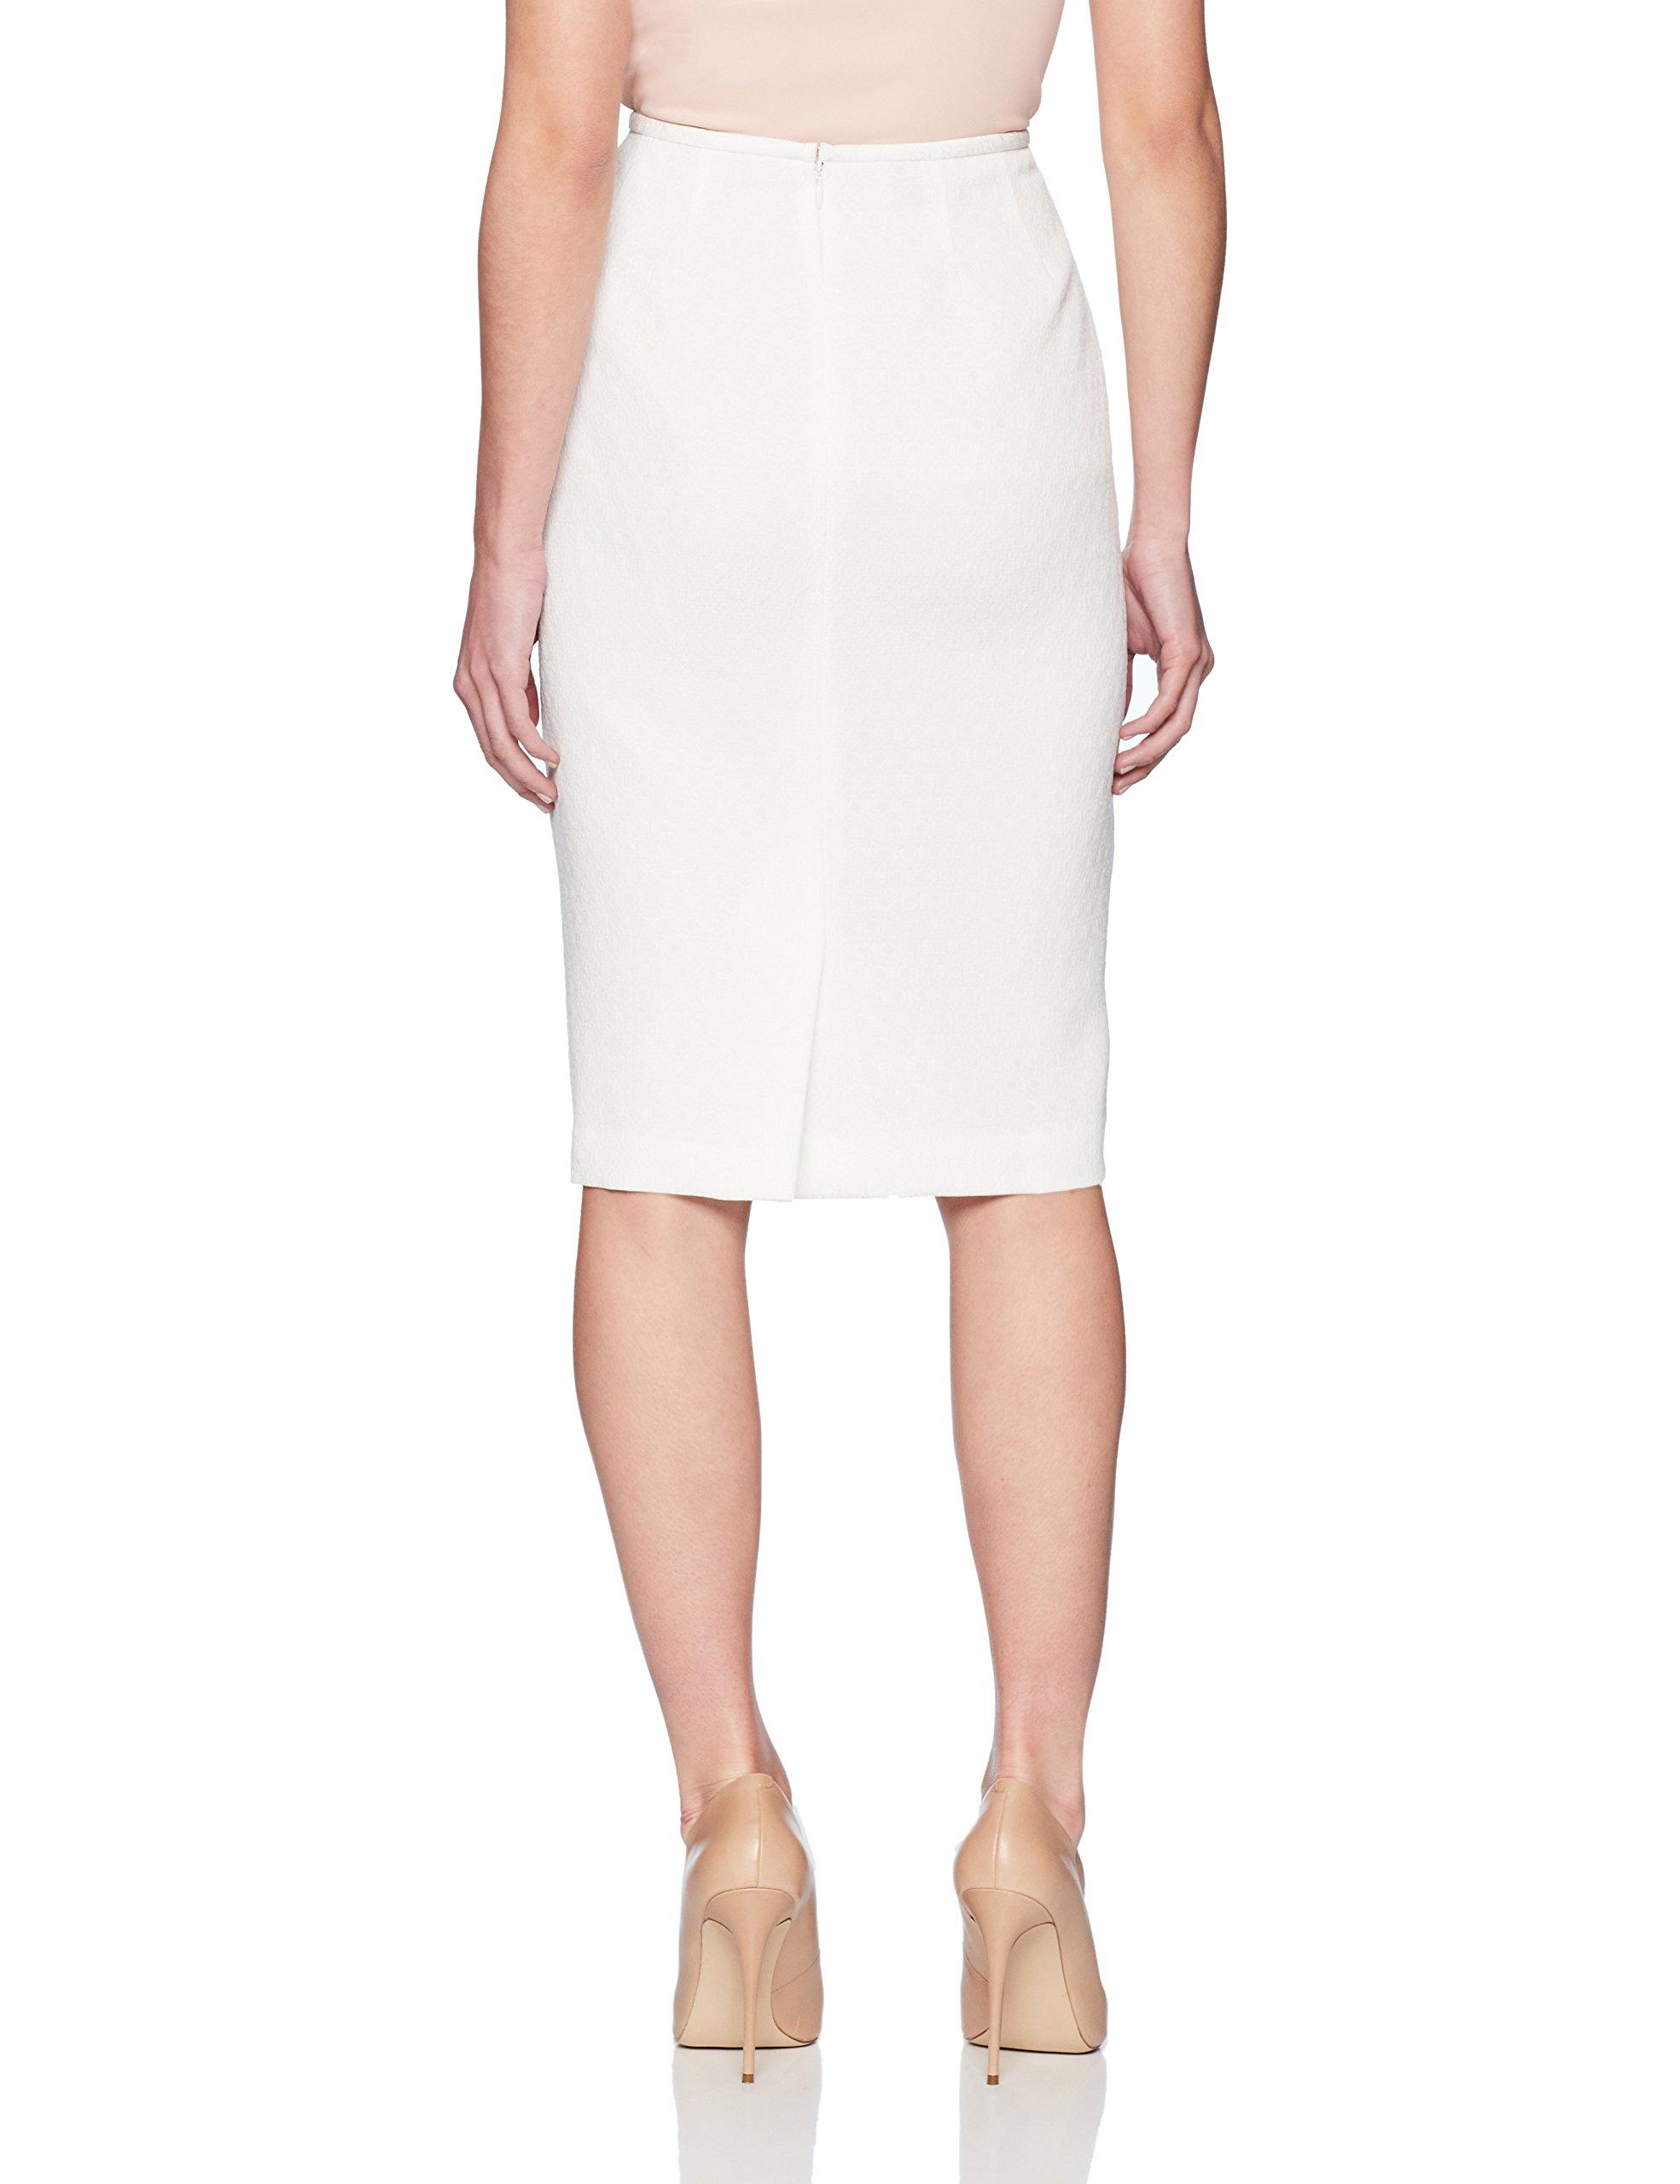 Le Suit Women's Petite Eyelet Jacquard 3 Bttn Petal Collar Suit, White, 12P by Le Suit (Image #4)